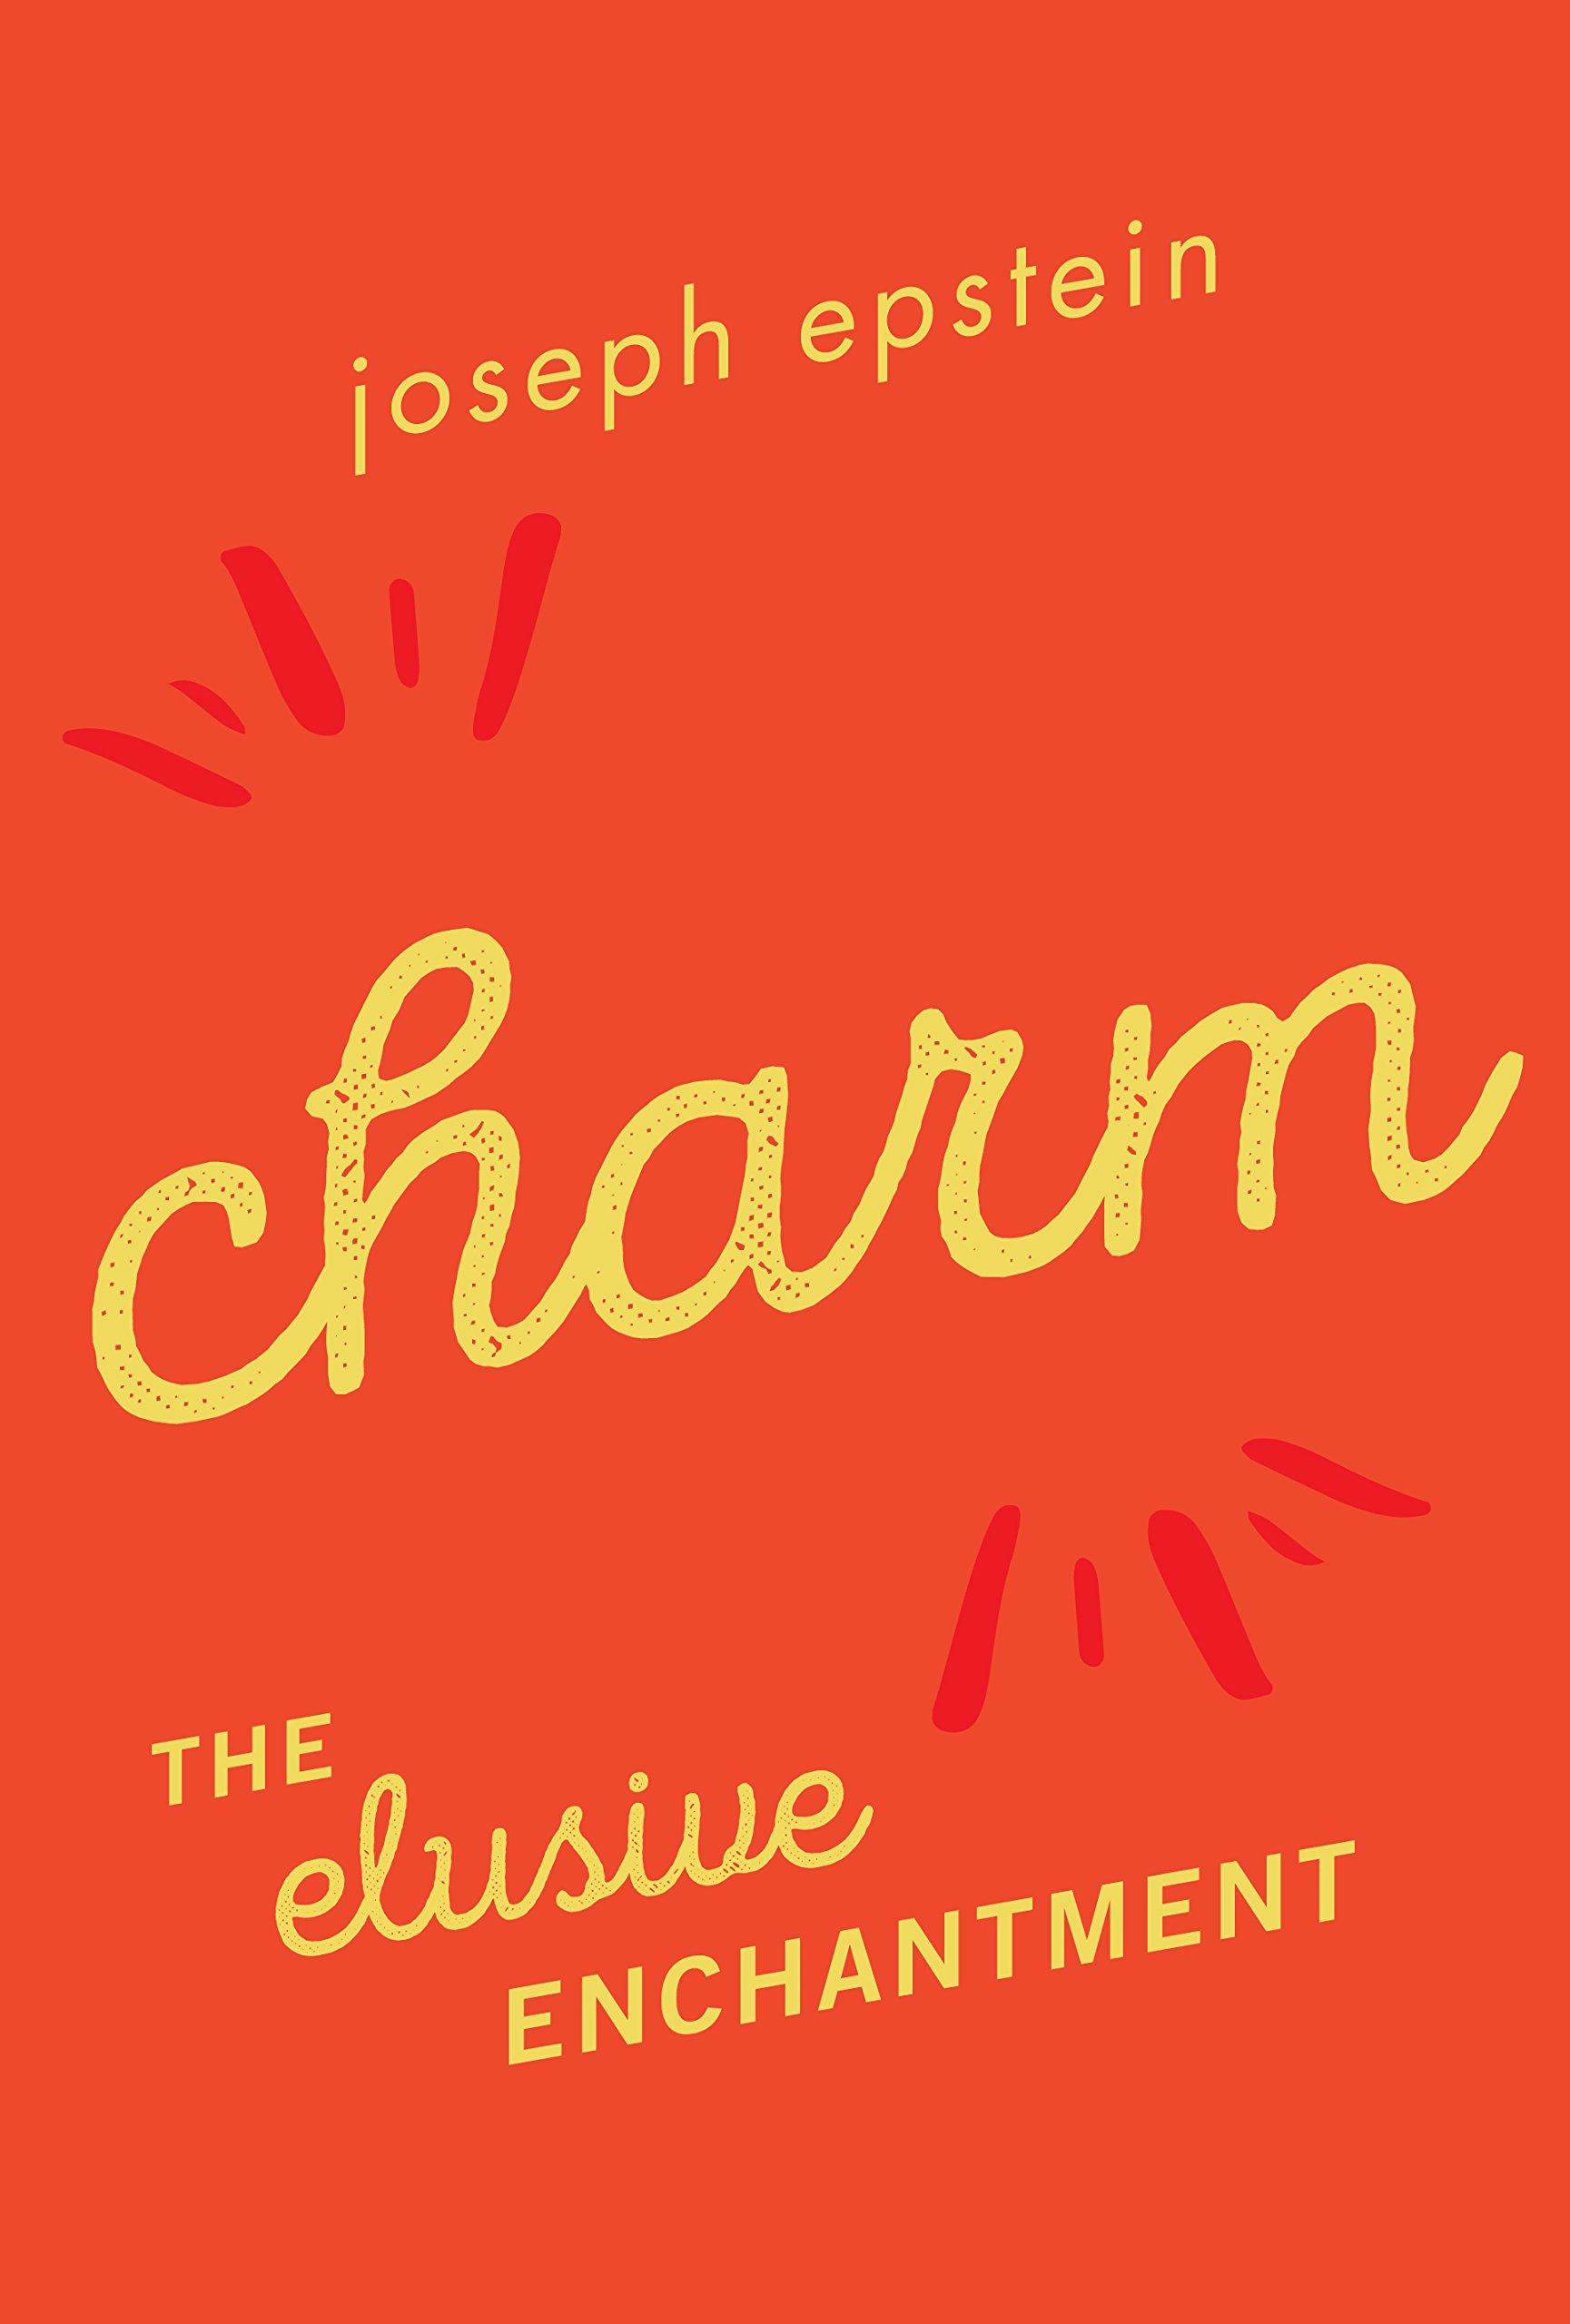 Charm Elusive Enchantment Joseph Epstein product image